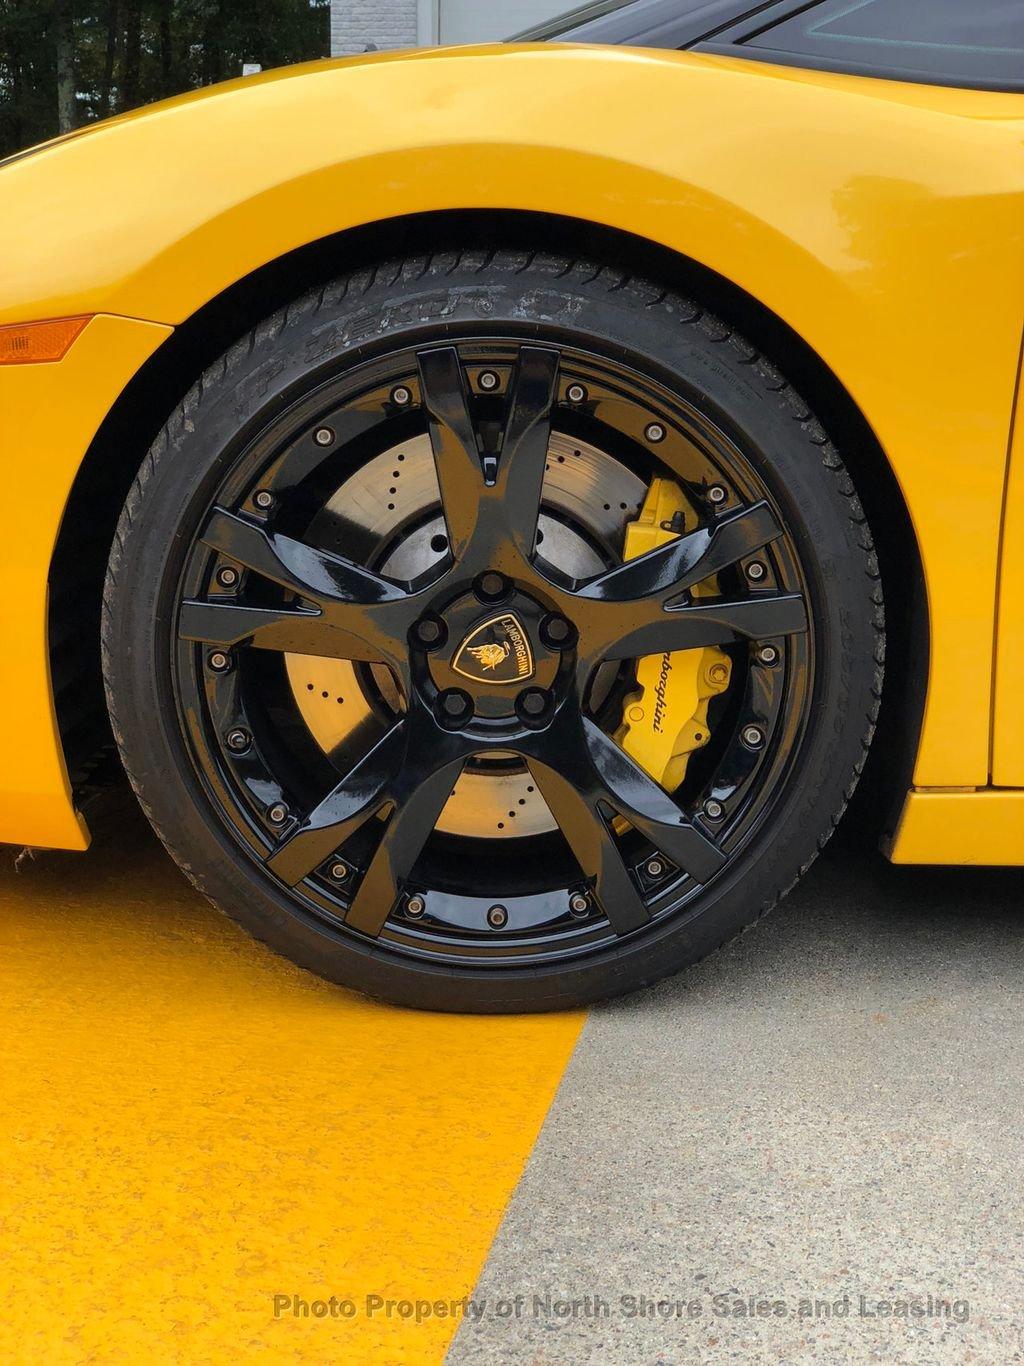 2006 Lamborghini Gallardo Spyder 520HP - 18187177 - 11